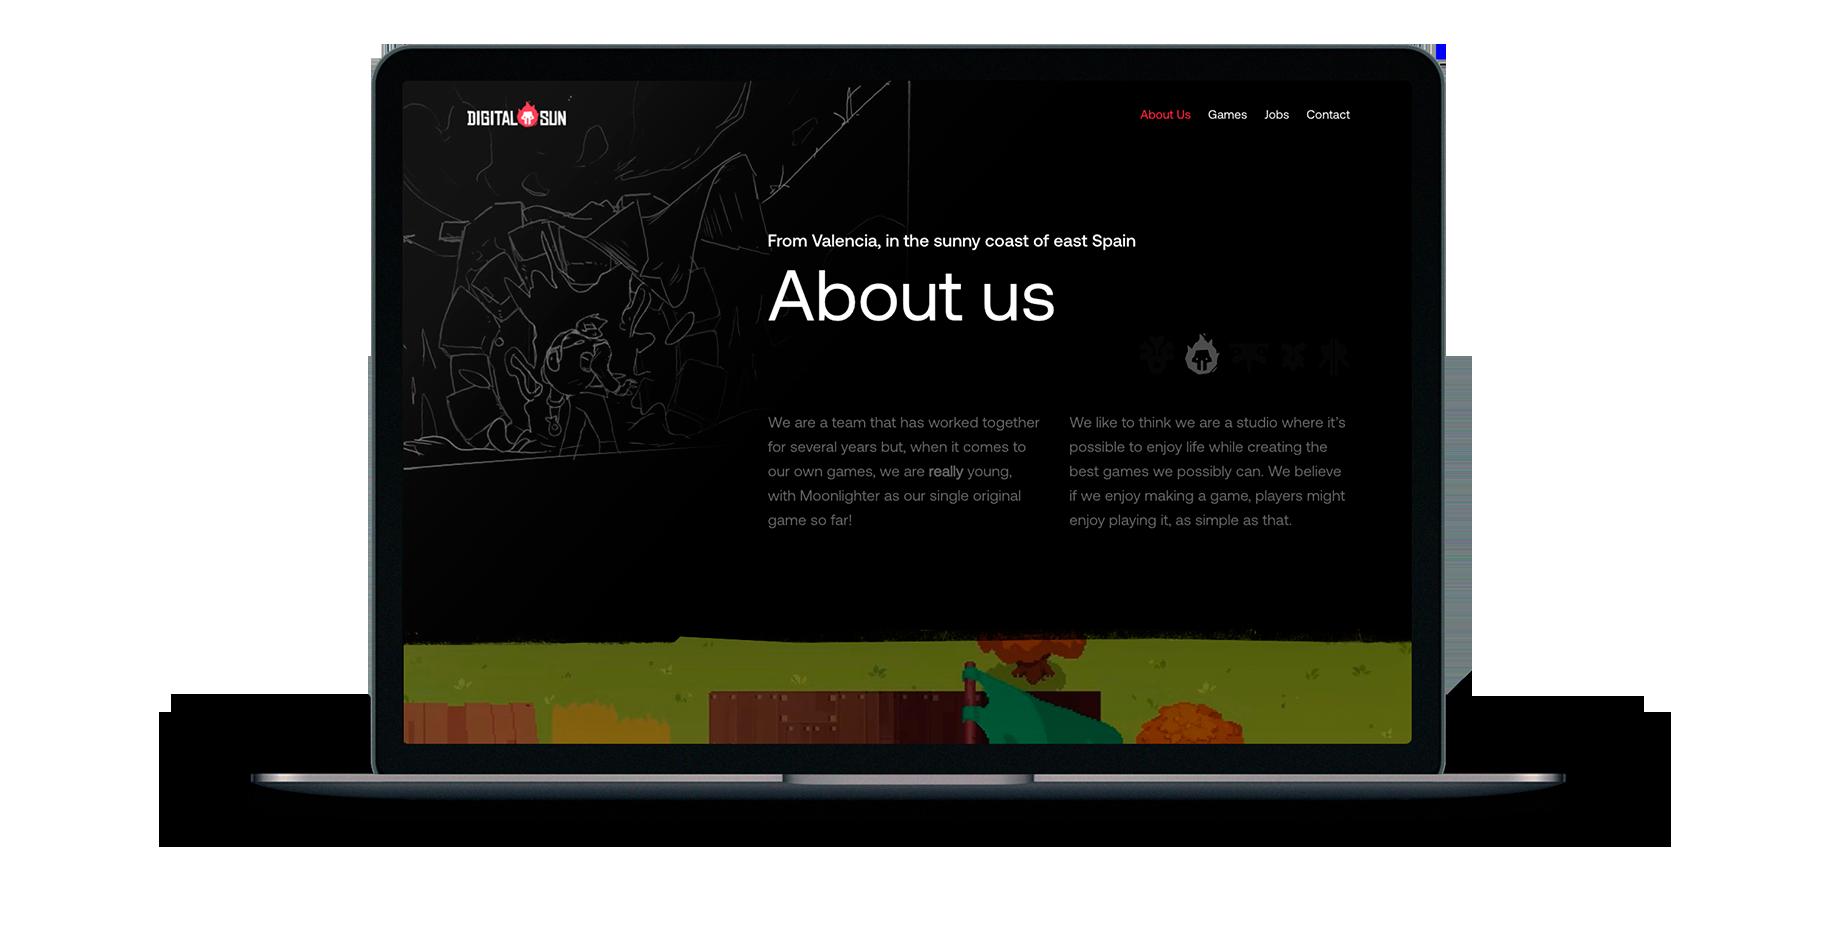 Diseño web para la empresa de videojuegos independientes, Digital Sun Games